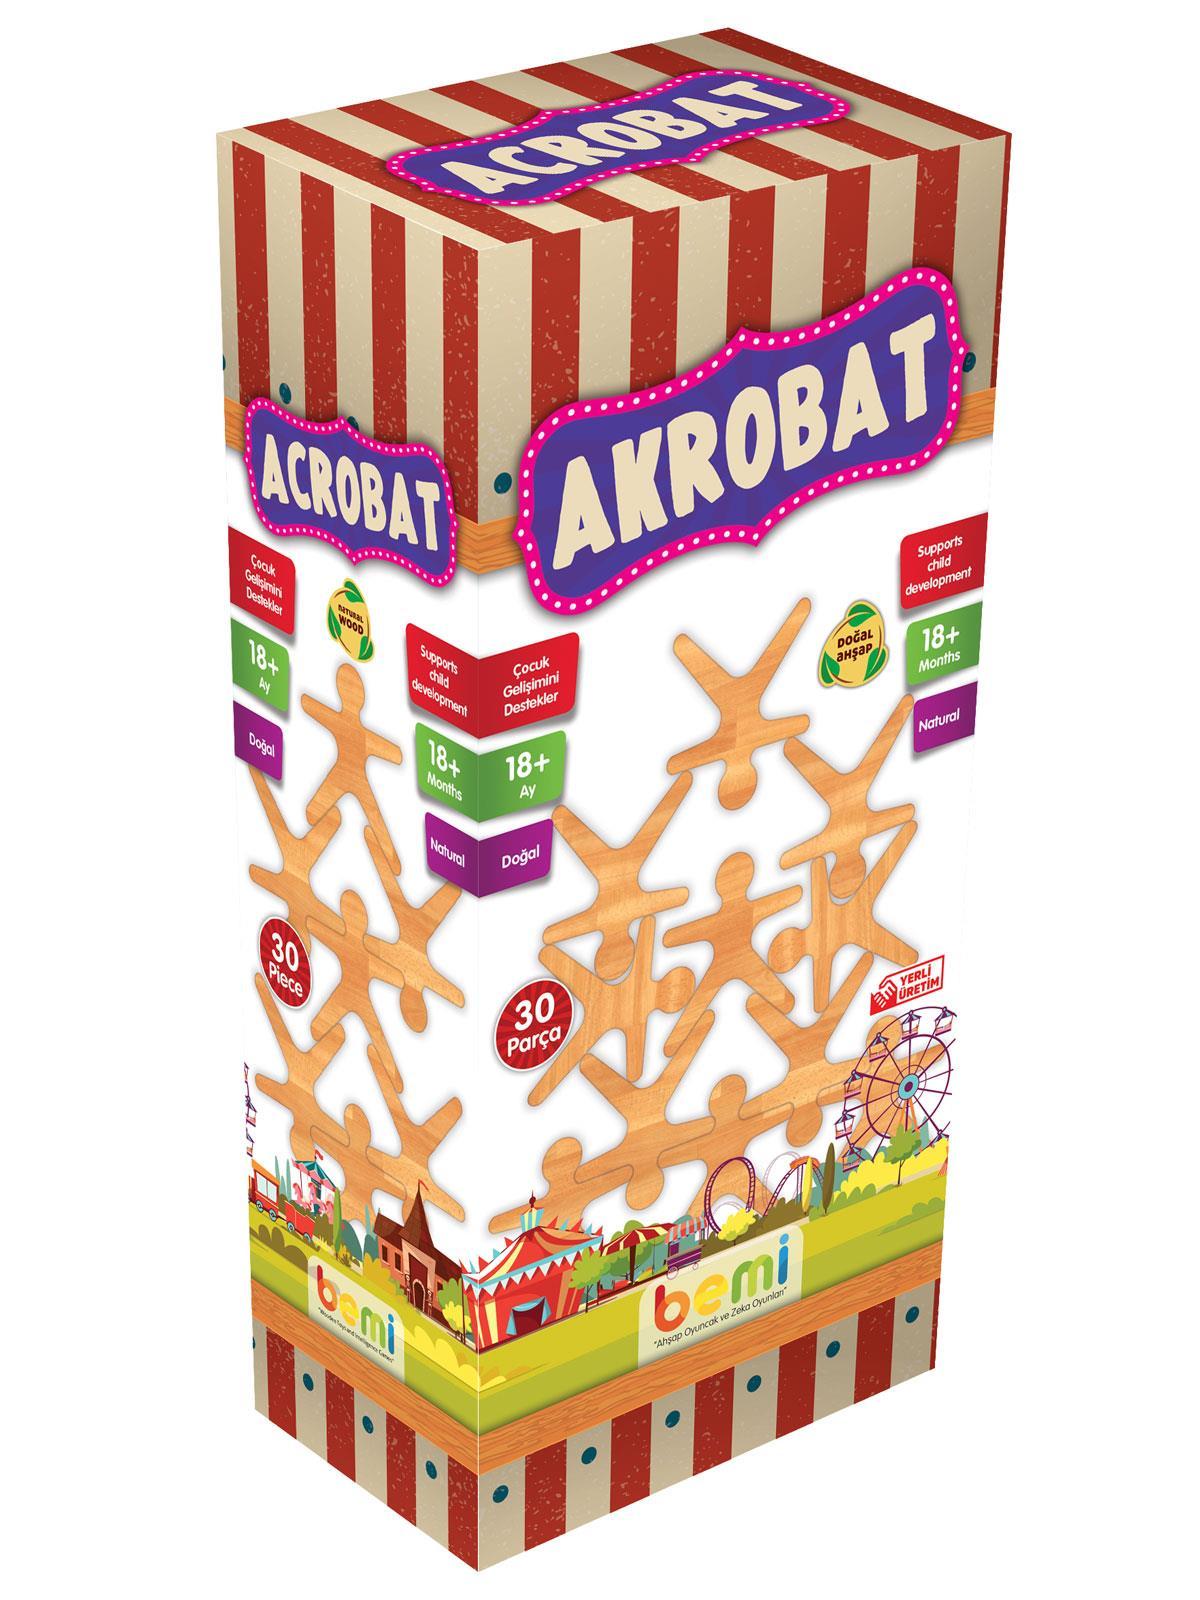 Bm0060 Bemi Toys Acrobats Oyunu 18 Ay